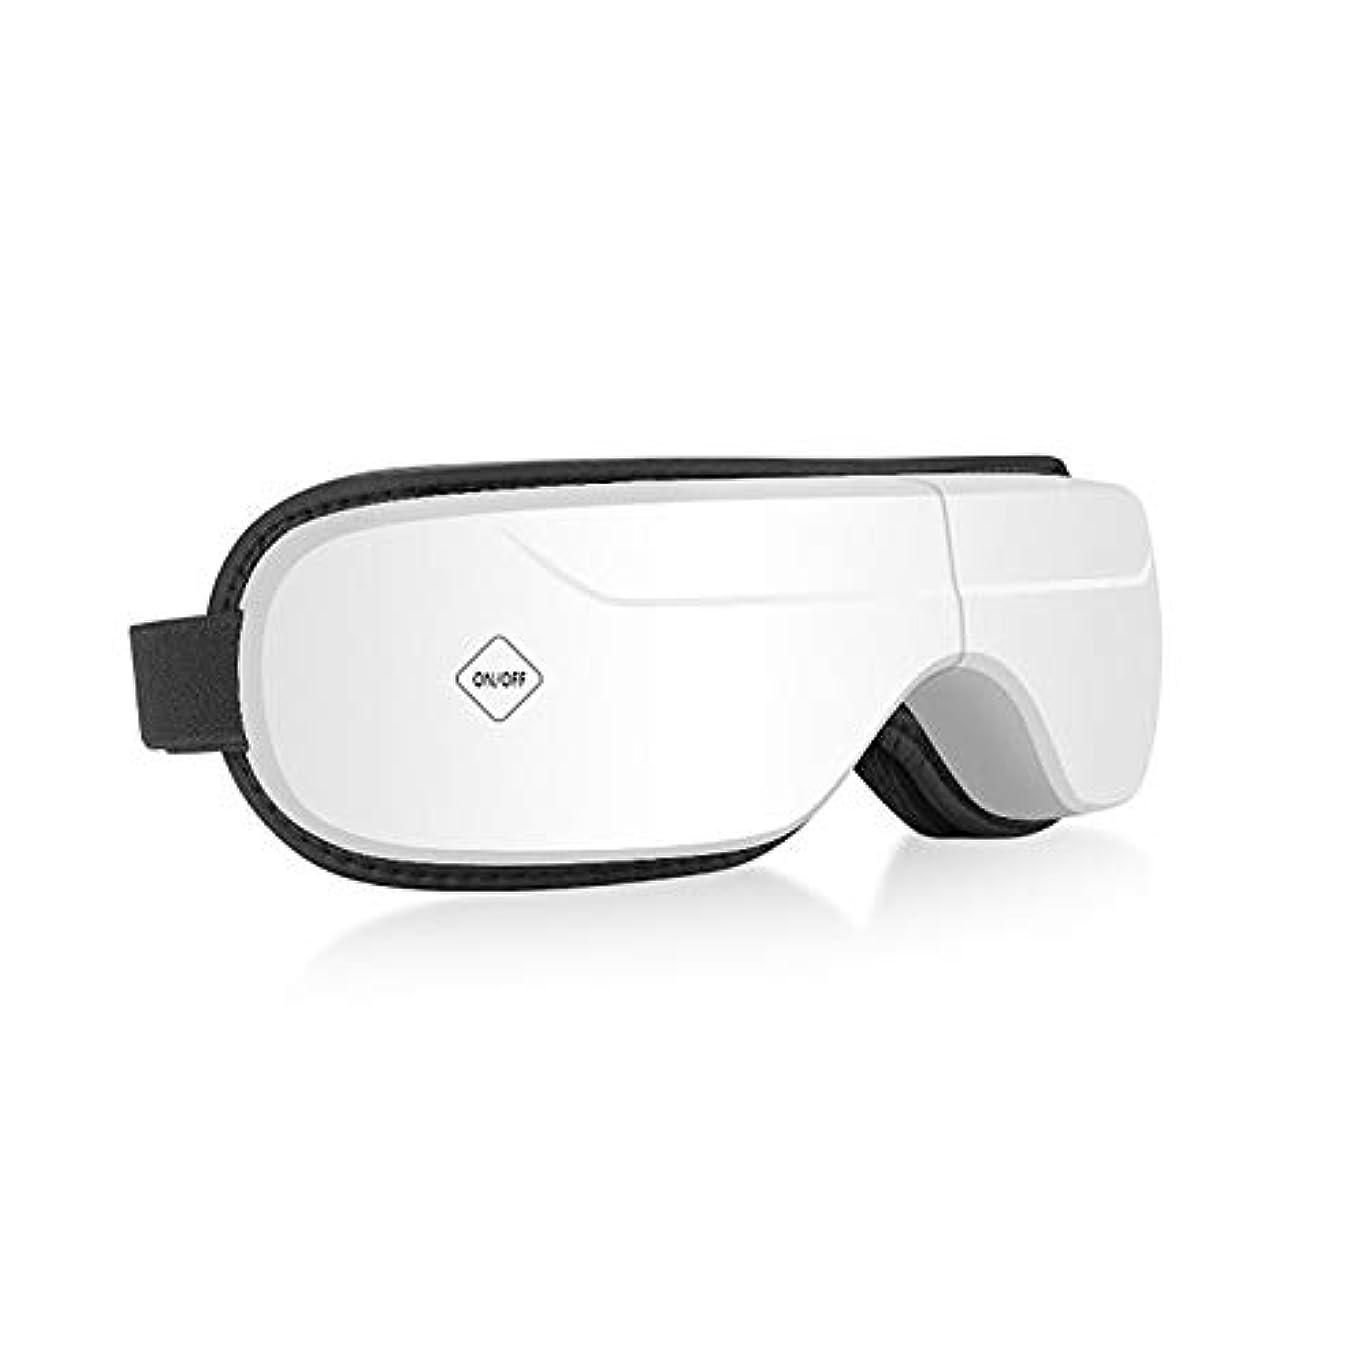 前売誰の置くためにパックアイマッサージャー電気プレス音楽ワイヤレス振動マッサージ磁気療法SPAインストゥルメントホットマッサージUSB充電,White